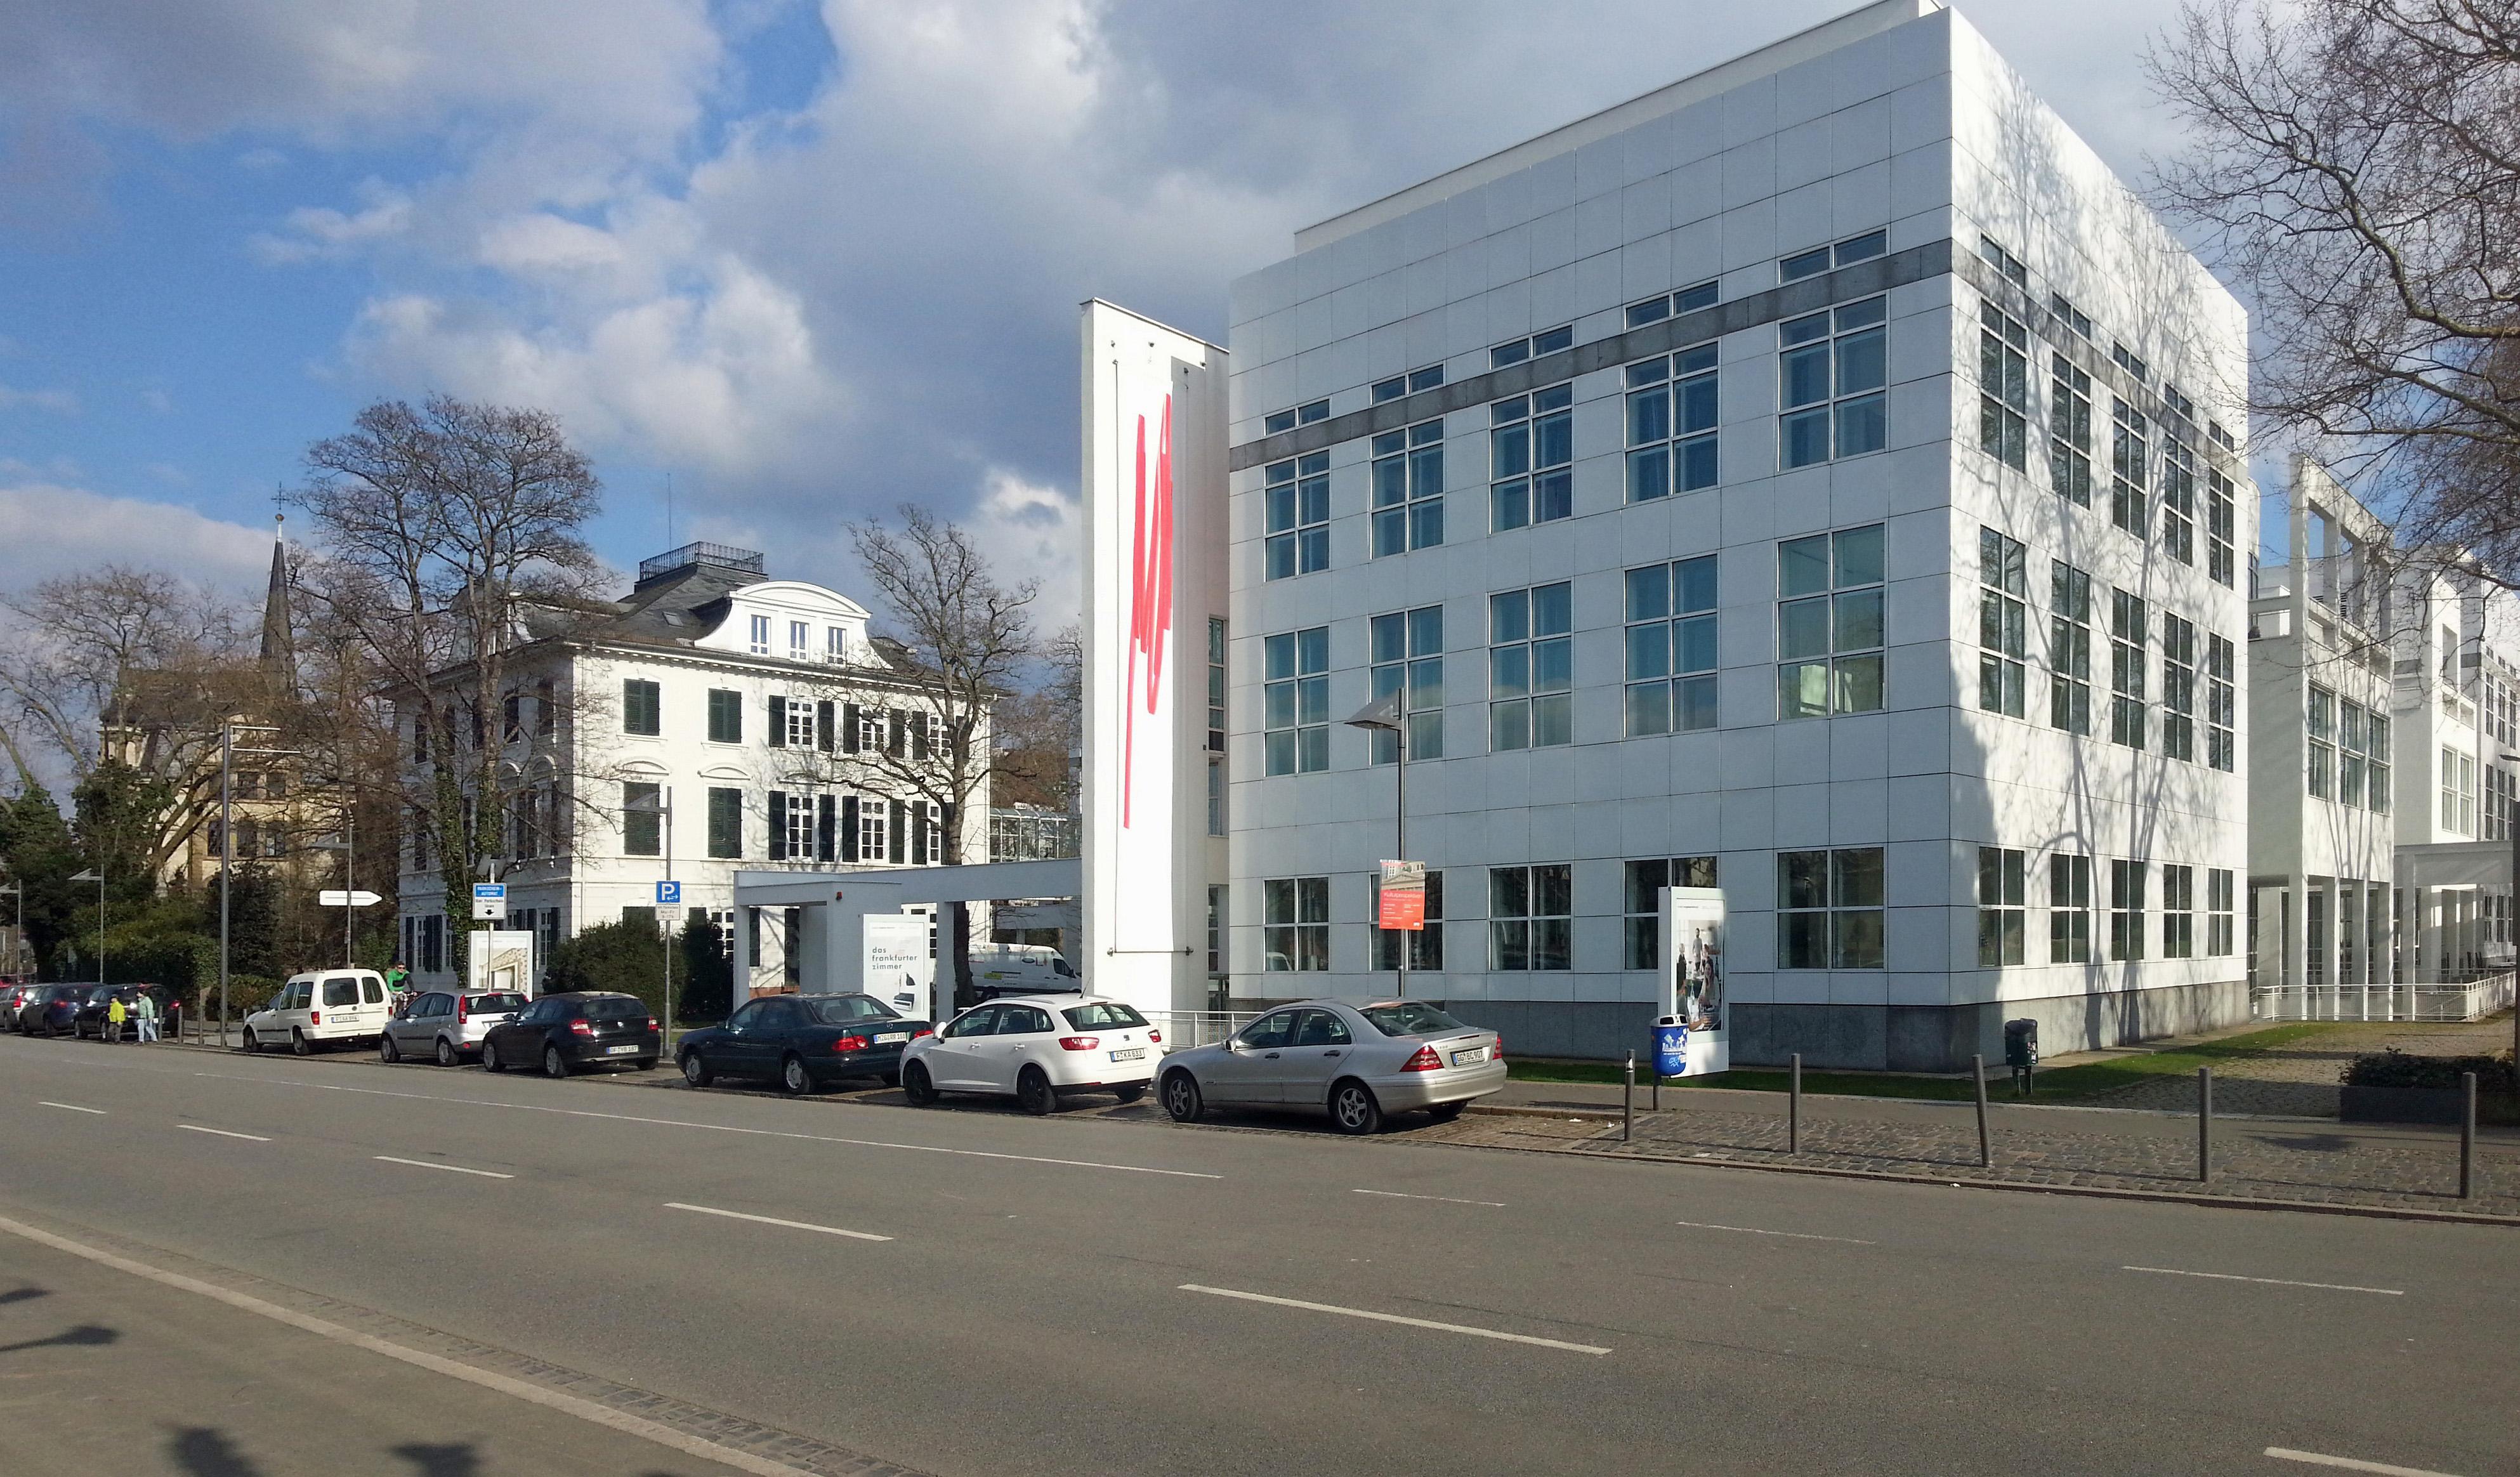 Villa Metzler en Museum Angewandte Kunst, 6 april 2015. Foto Simsalabimbam, gevel, exterieur